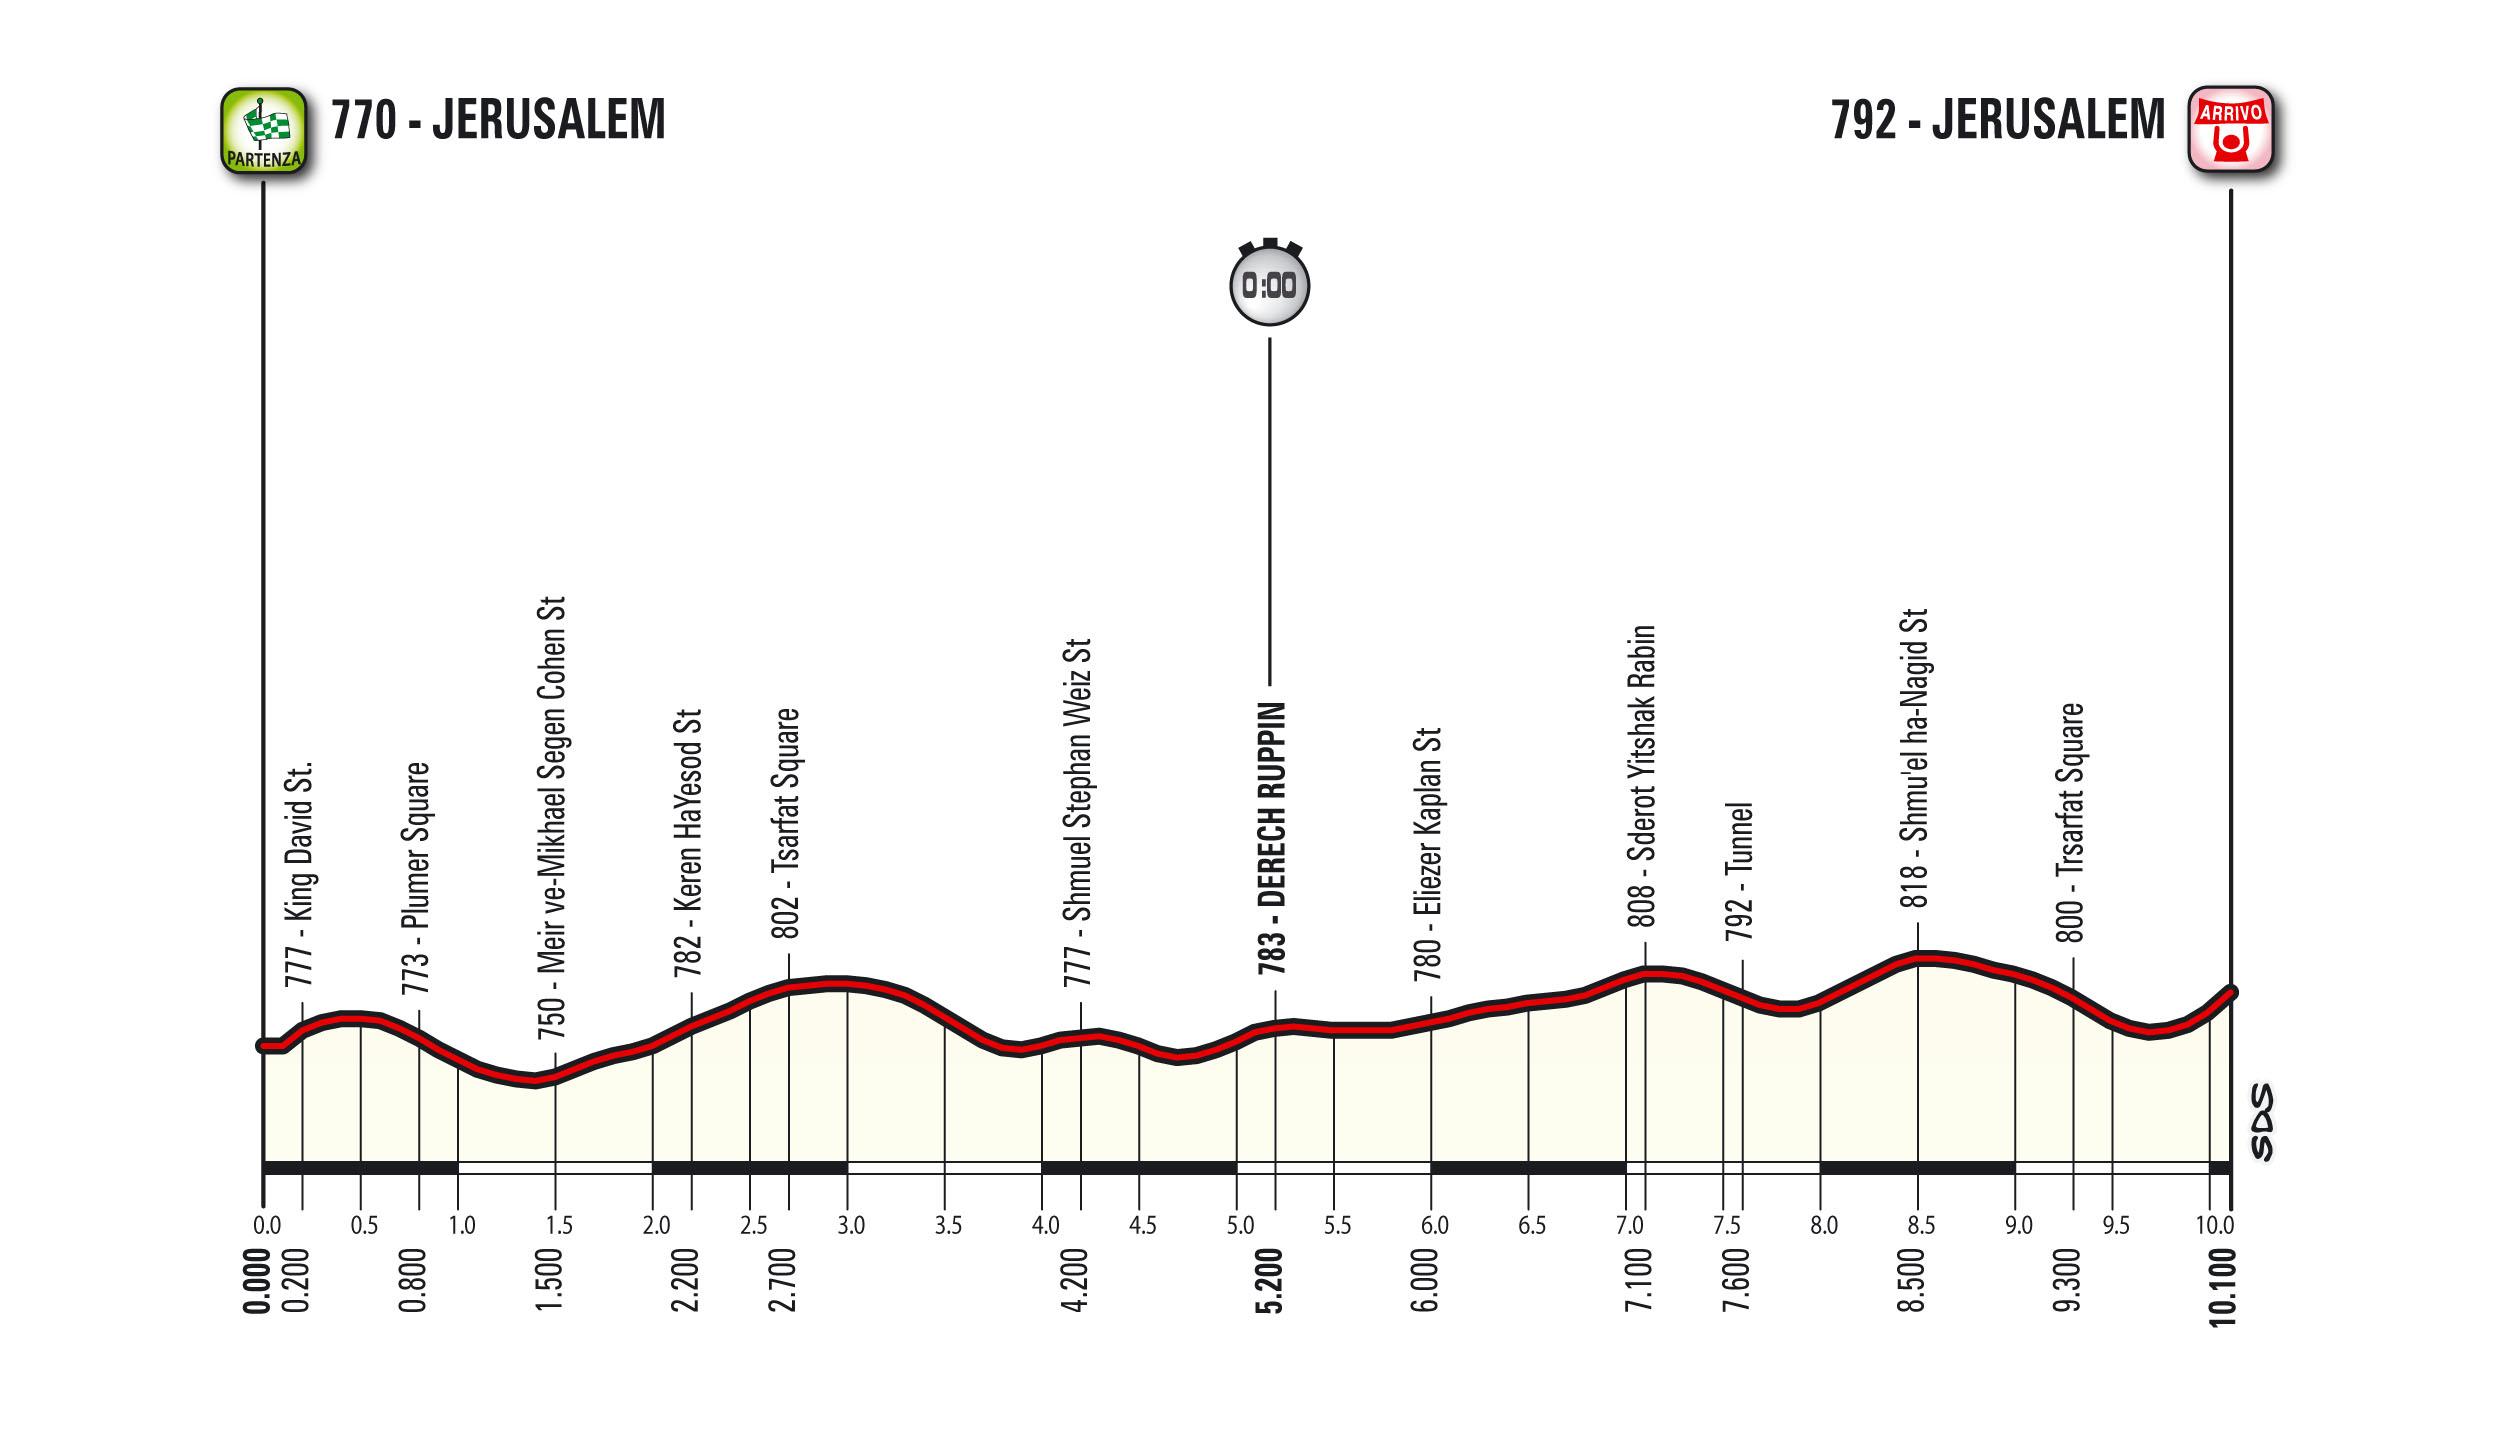 Etappe 1 Giro